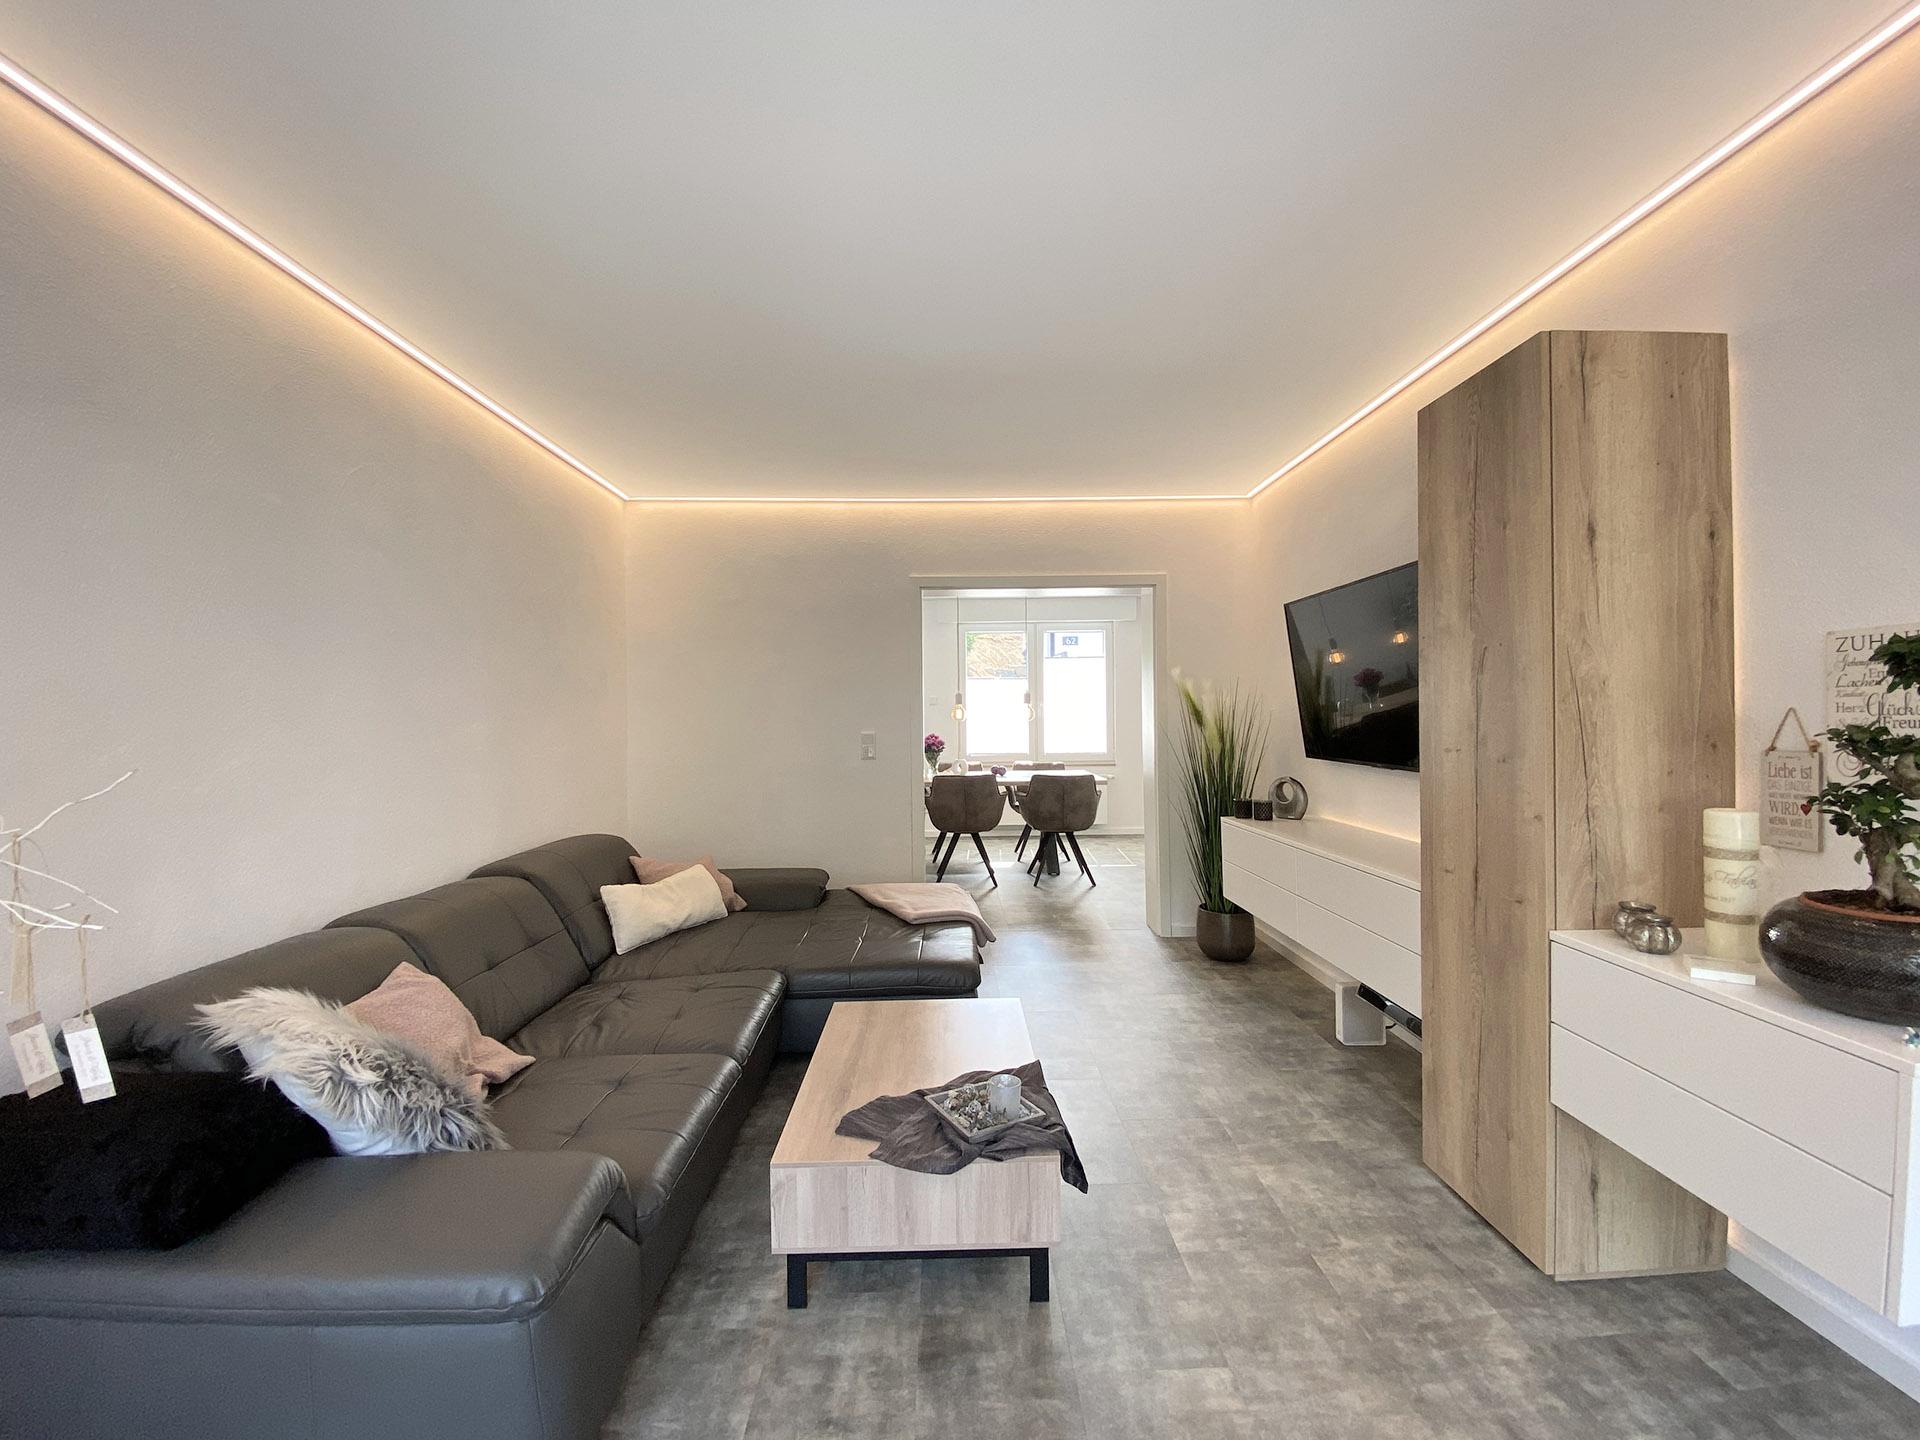 Wohnzimmerdecke mit LED-Randbeleuchtung von Plameco